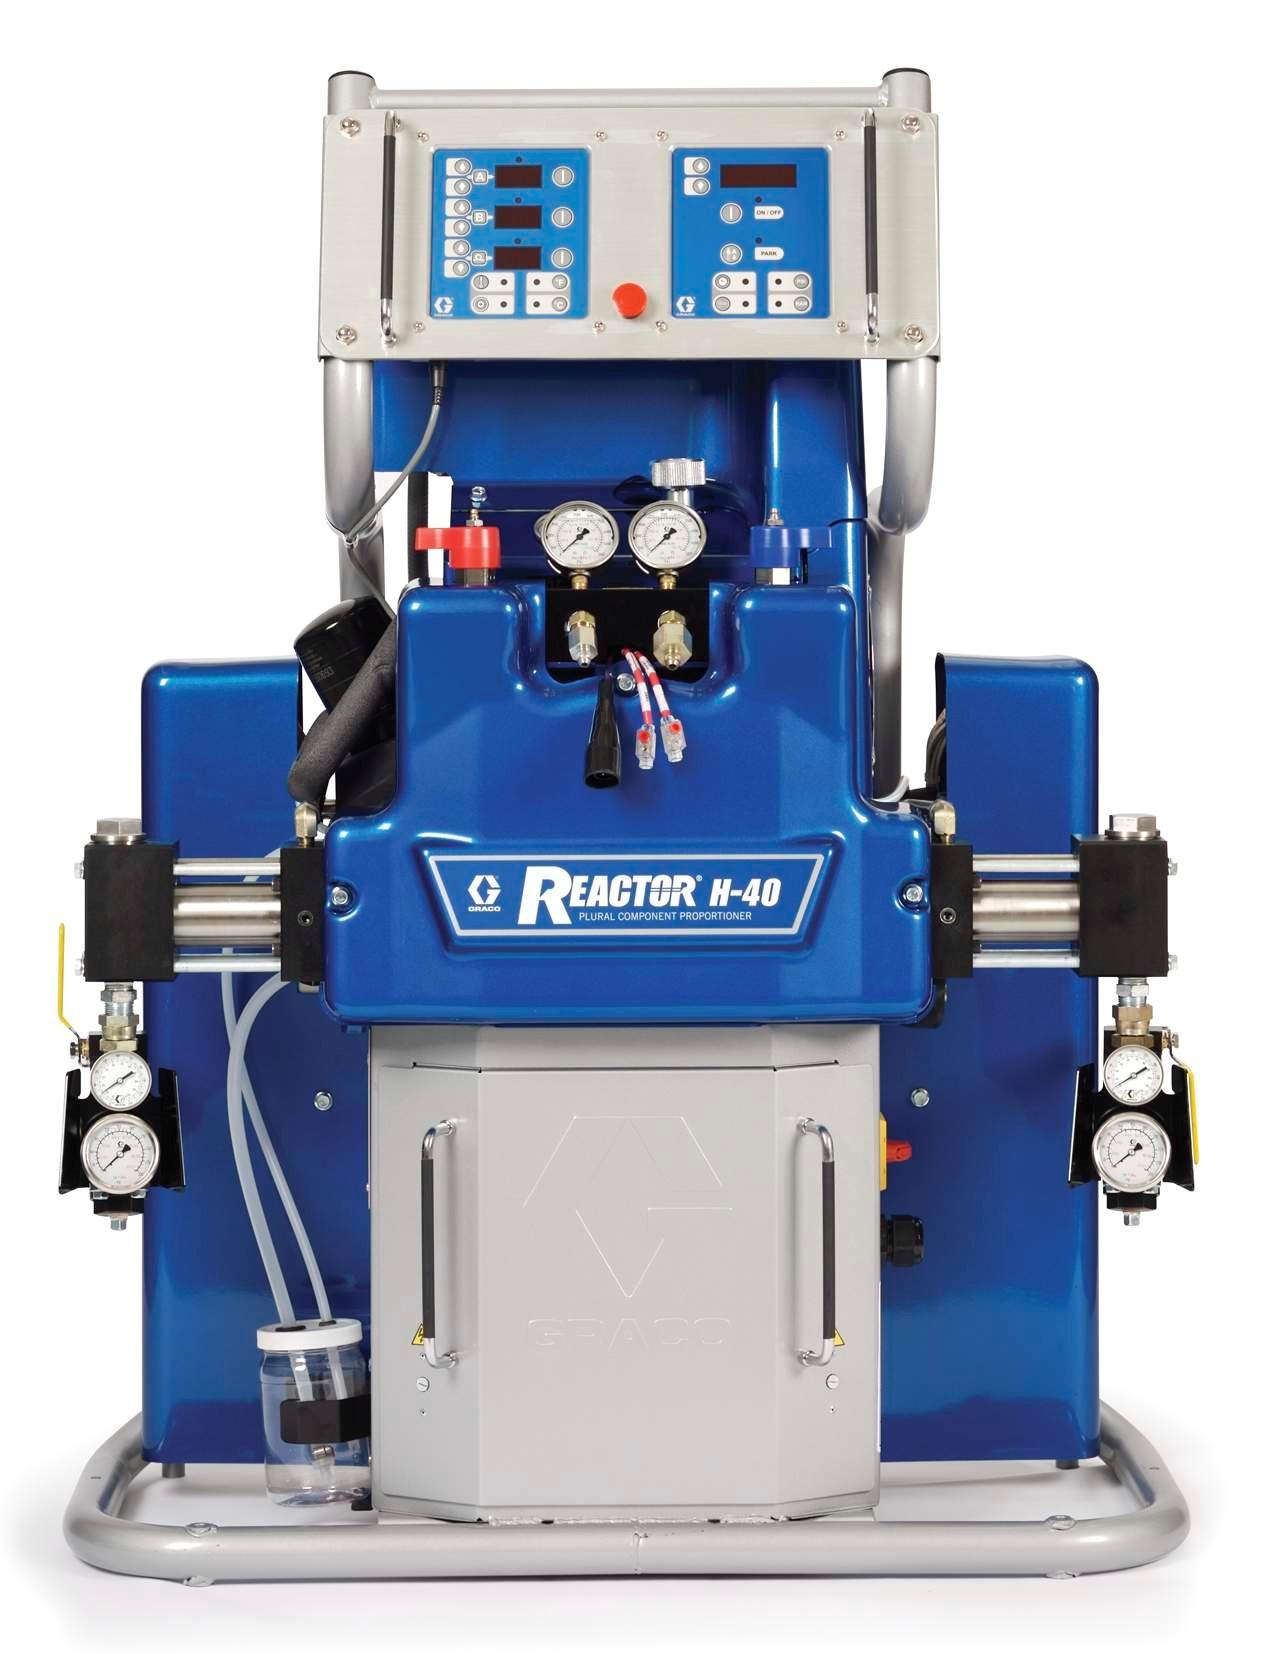 Graco Reactor Н-XP3 - оборудование для переработки составов на основе гибридов и полимочевины